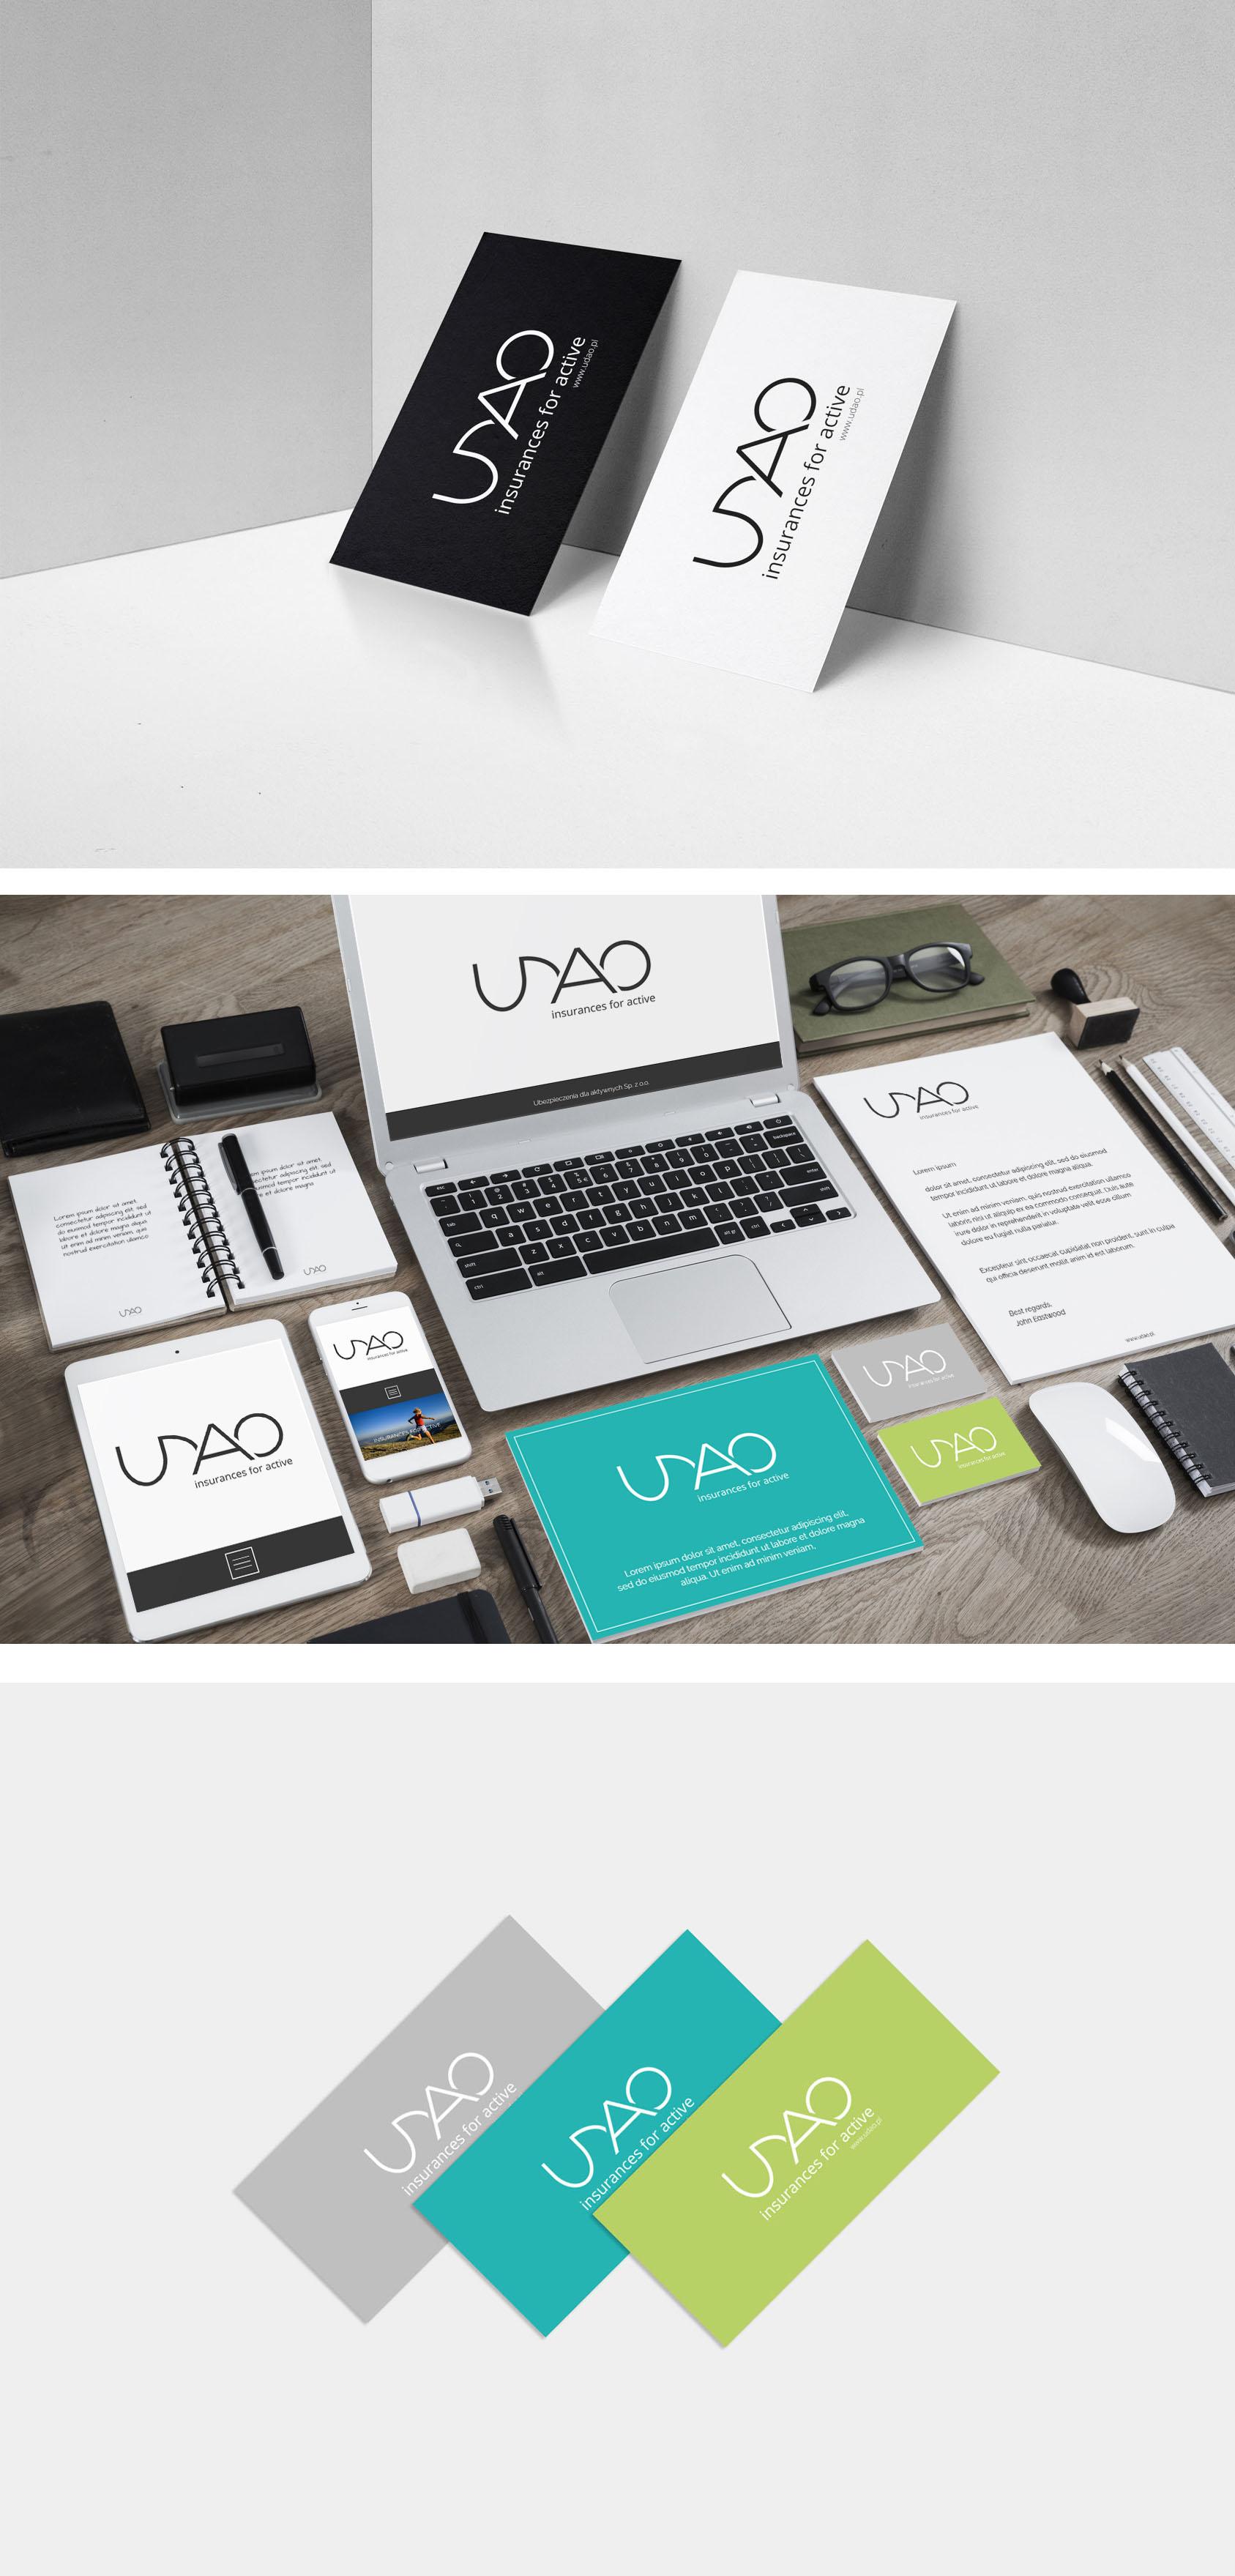 identyfikacja wizualna UDAO